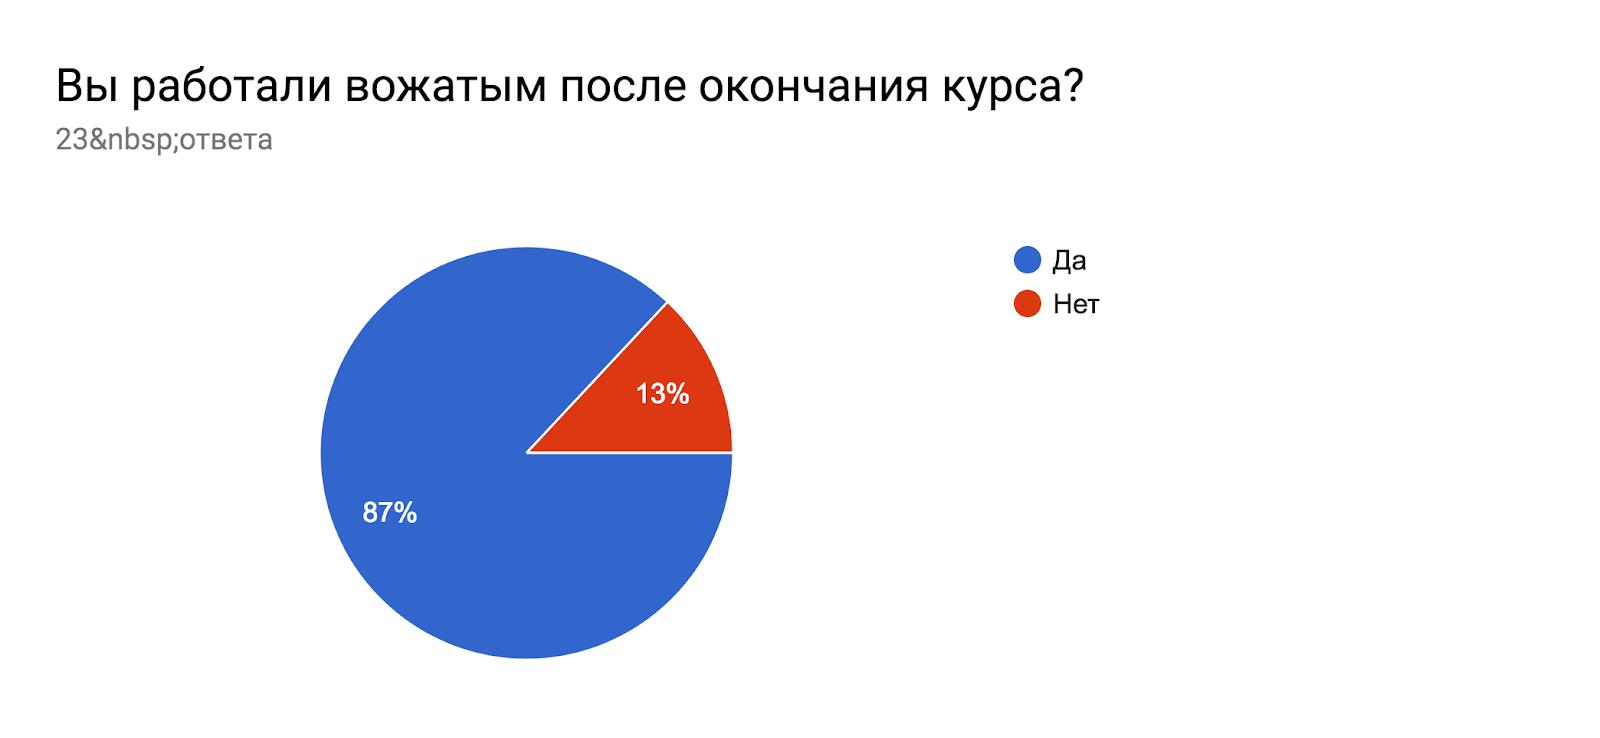 Диаграмма ответов в Формах. Вопрос: Вы работали вожатым после окончания курса?. Количество ответов: 53ответа.